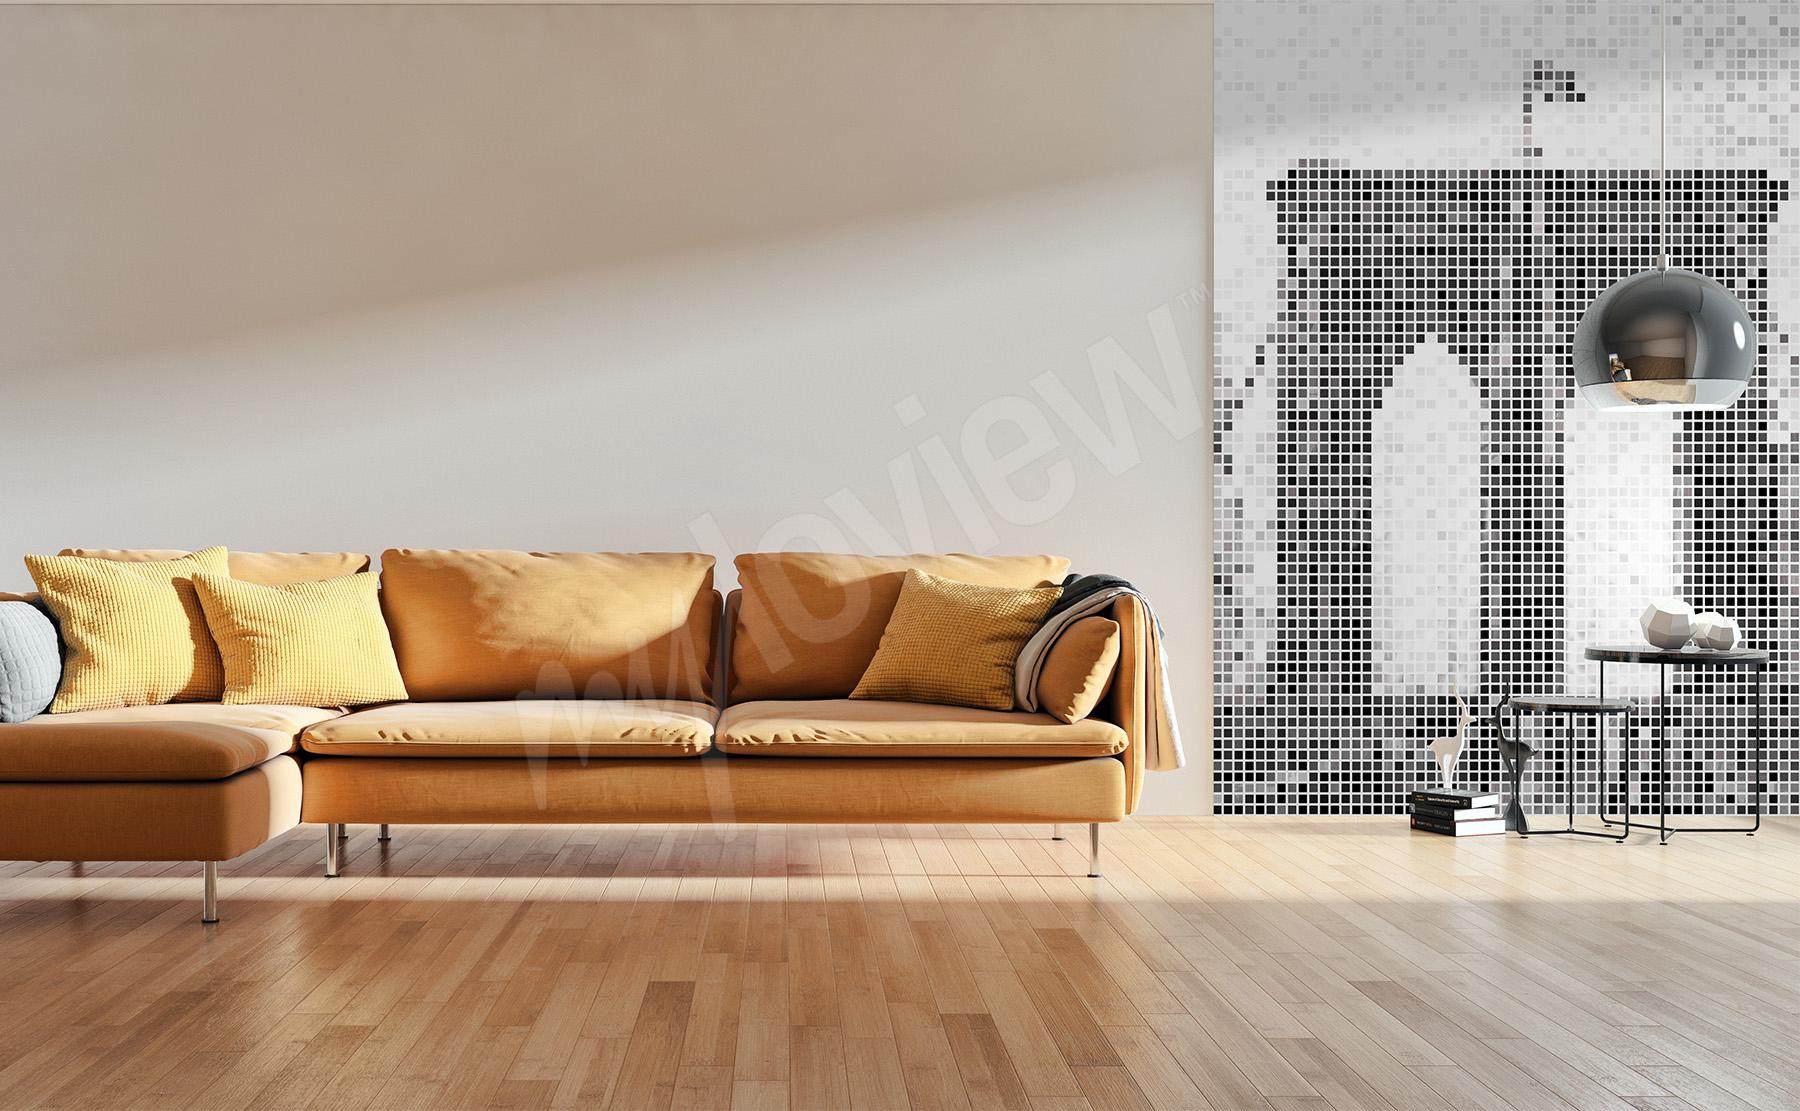 Fototapeten Wohnzimmer • größe der wand